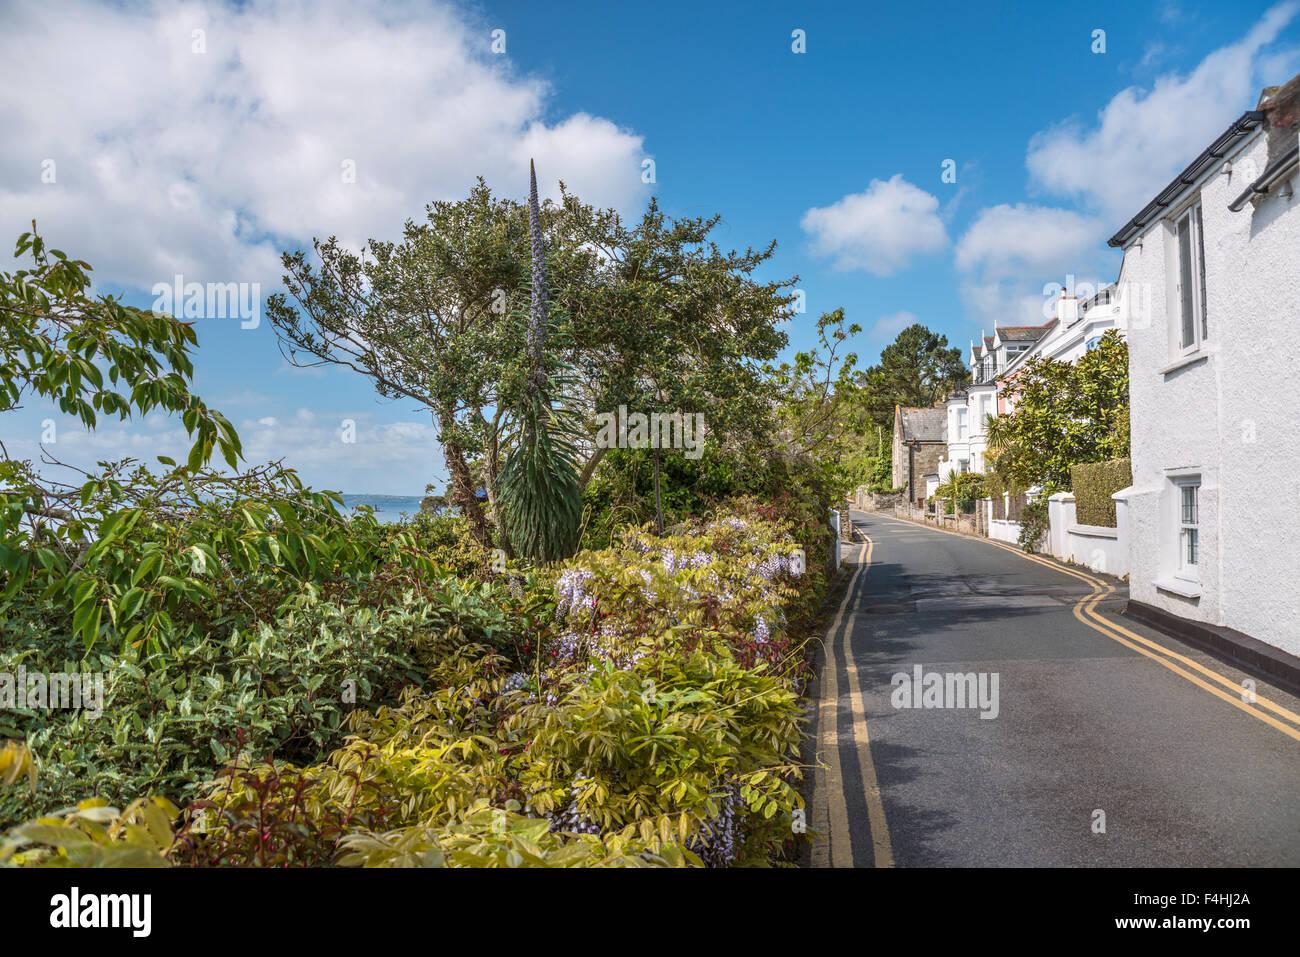 Malerische Küstenstraße im Fischerdorf Mawes, Cornwall, England, Vereinigtes Königreich | Malerische Stockbild